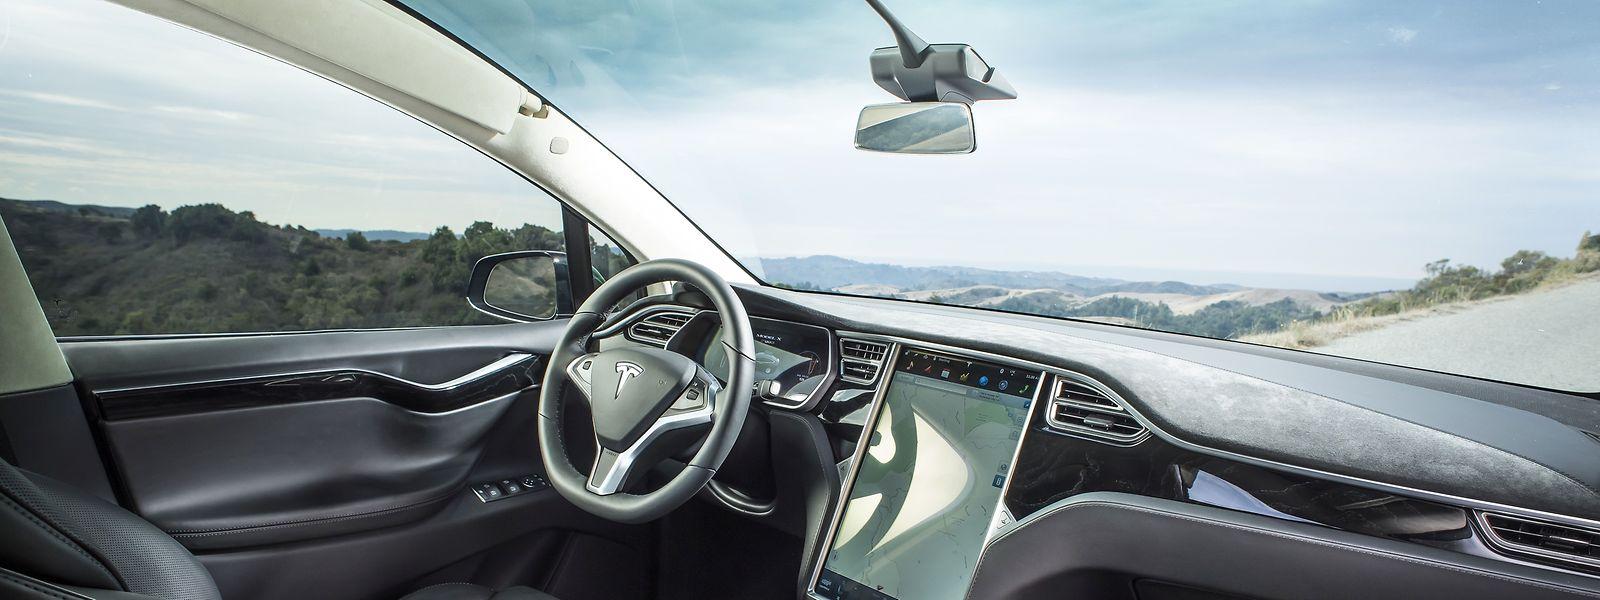 Tesla wies in einem Blogeintrag darauf hin, dass Fahrzeuge mit eingeschalteter Autopilot-Software die rezente Unfallstelle allein seit Jahresbeginn rund 20 000 Mal ohne Zwischenfälle passiert hätten.